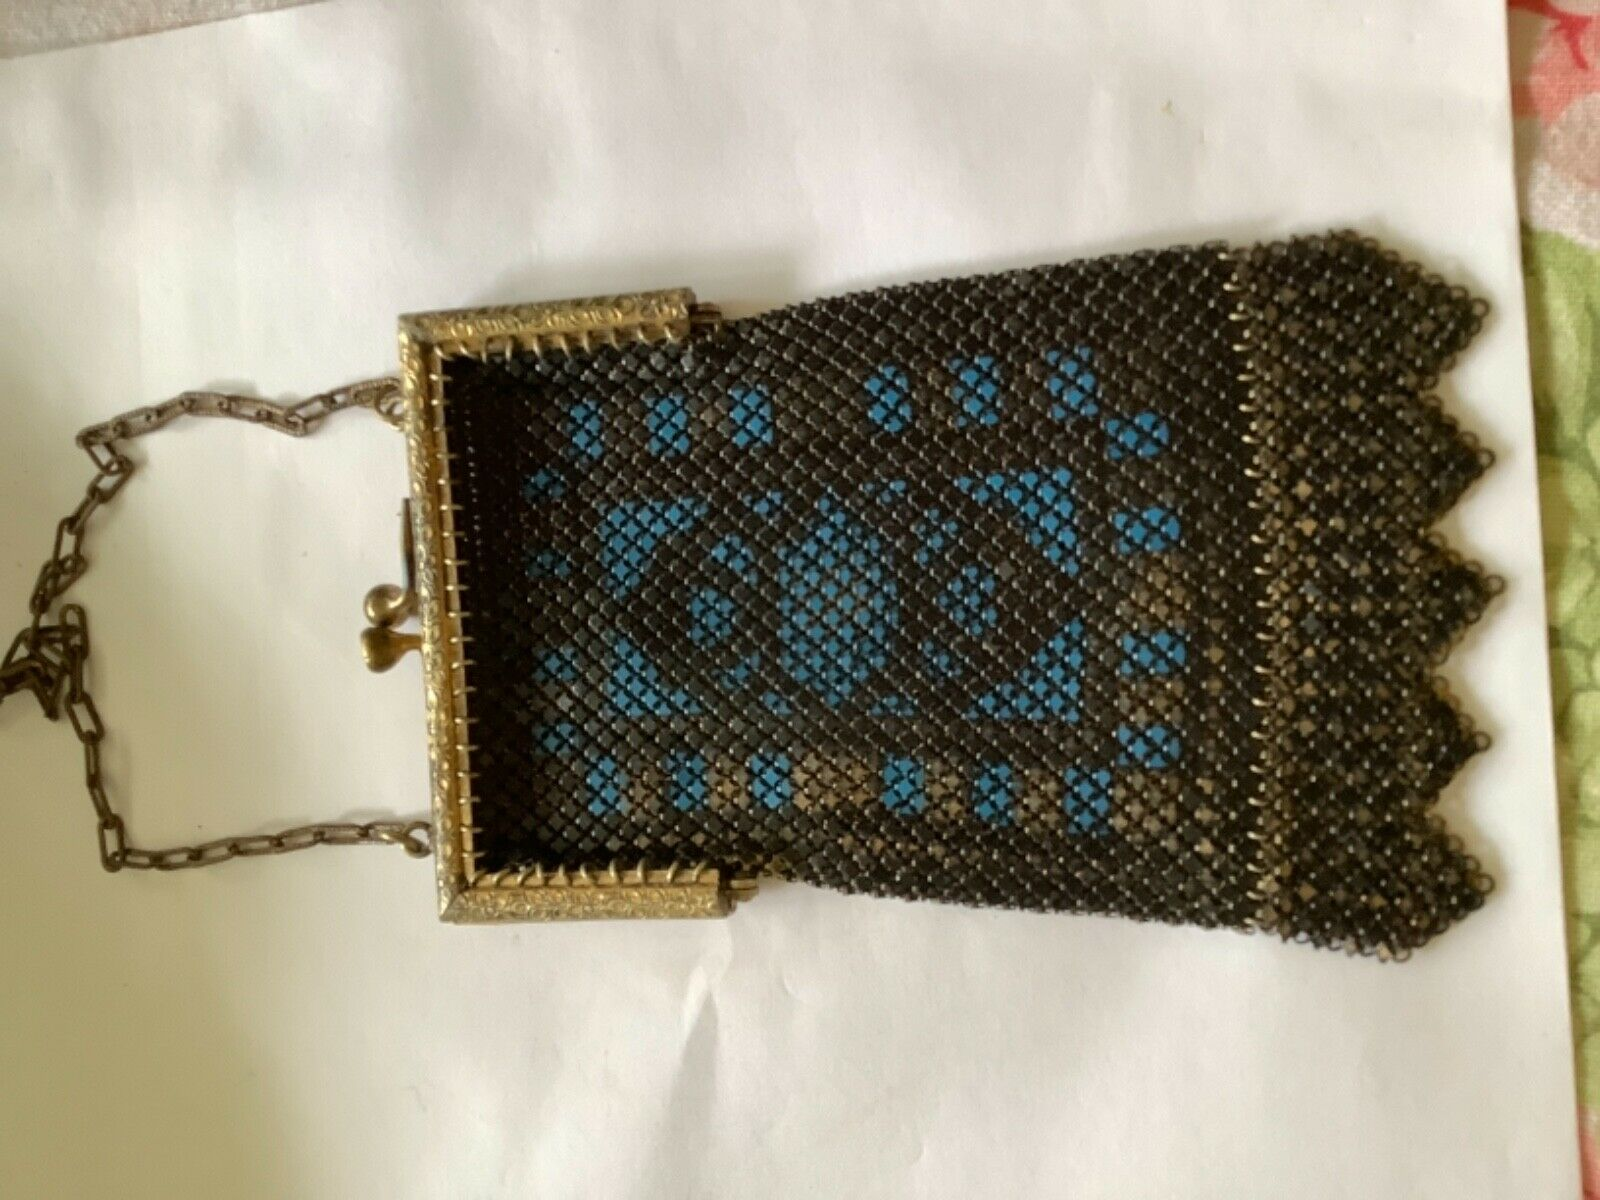 Mandalian Co. Enameled Mesh Art Deco Handbag - image 1